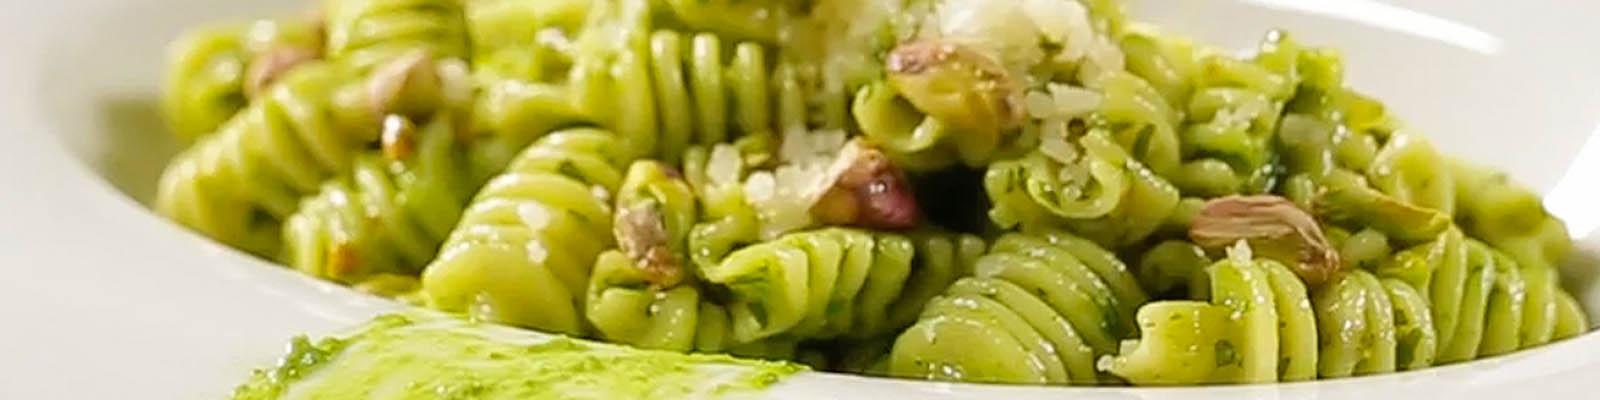 Pasta Garofalo - Radiatori med rucola och pistachnötspesto